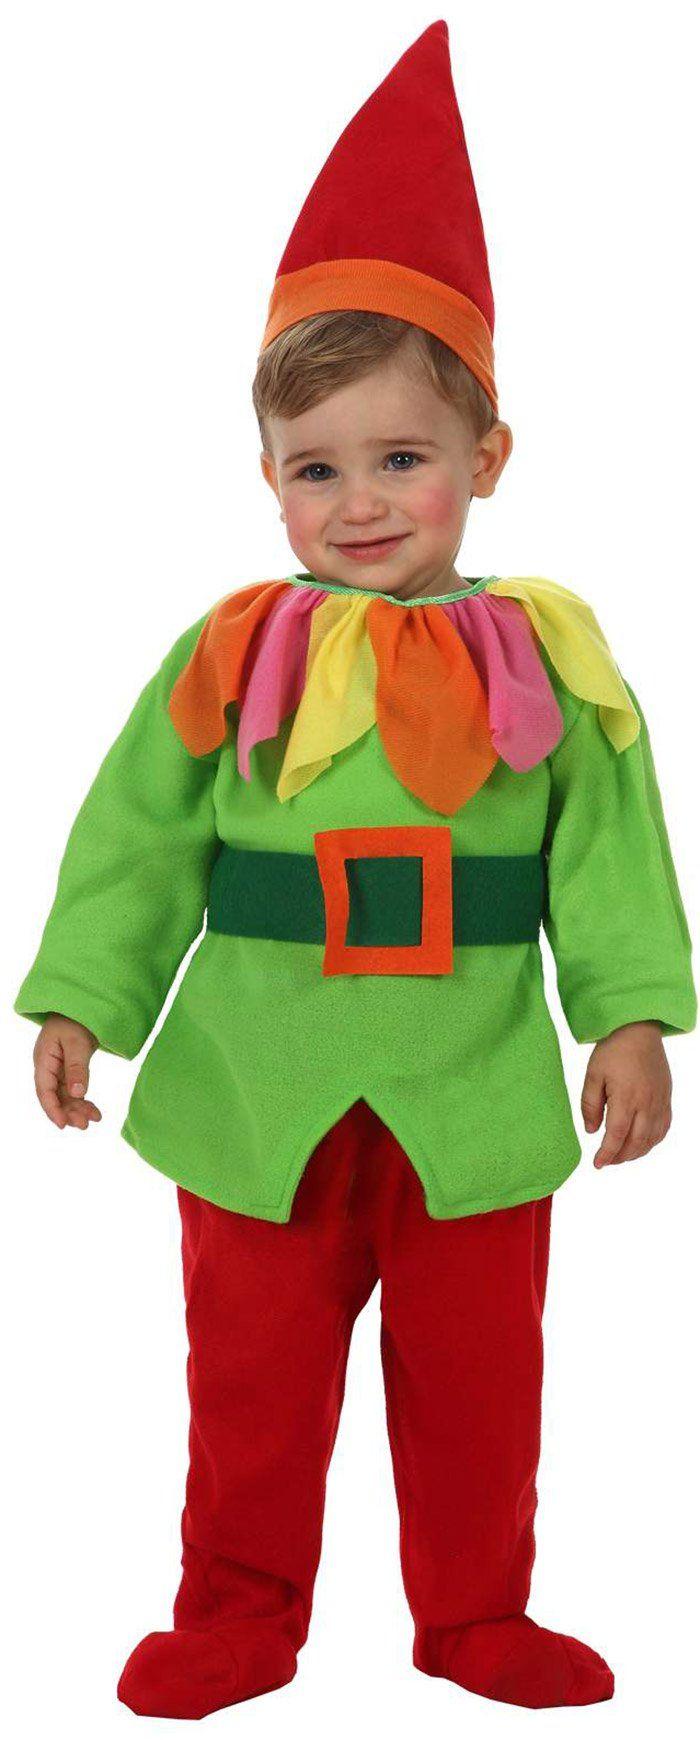 Disfraz de elfo duende bebé: Este disfraz de elfo para bebé está compuesto por una camiseta, un pantalón, un cinturón y un sombrero. La camiseta es verde claro, con pétalos de colores en el...